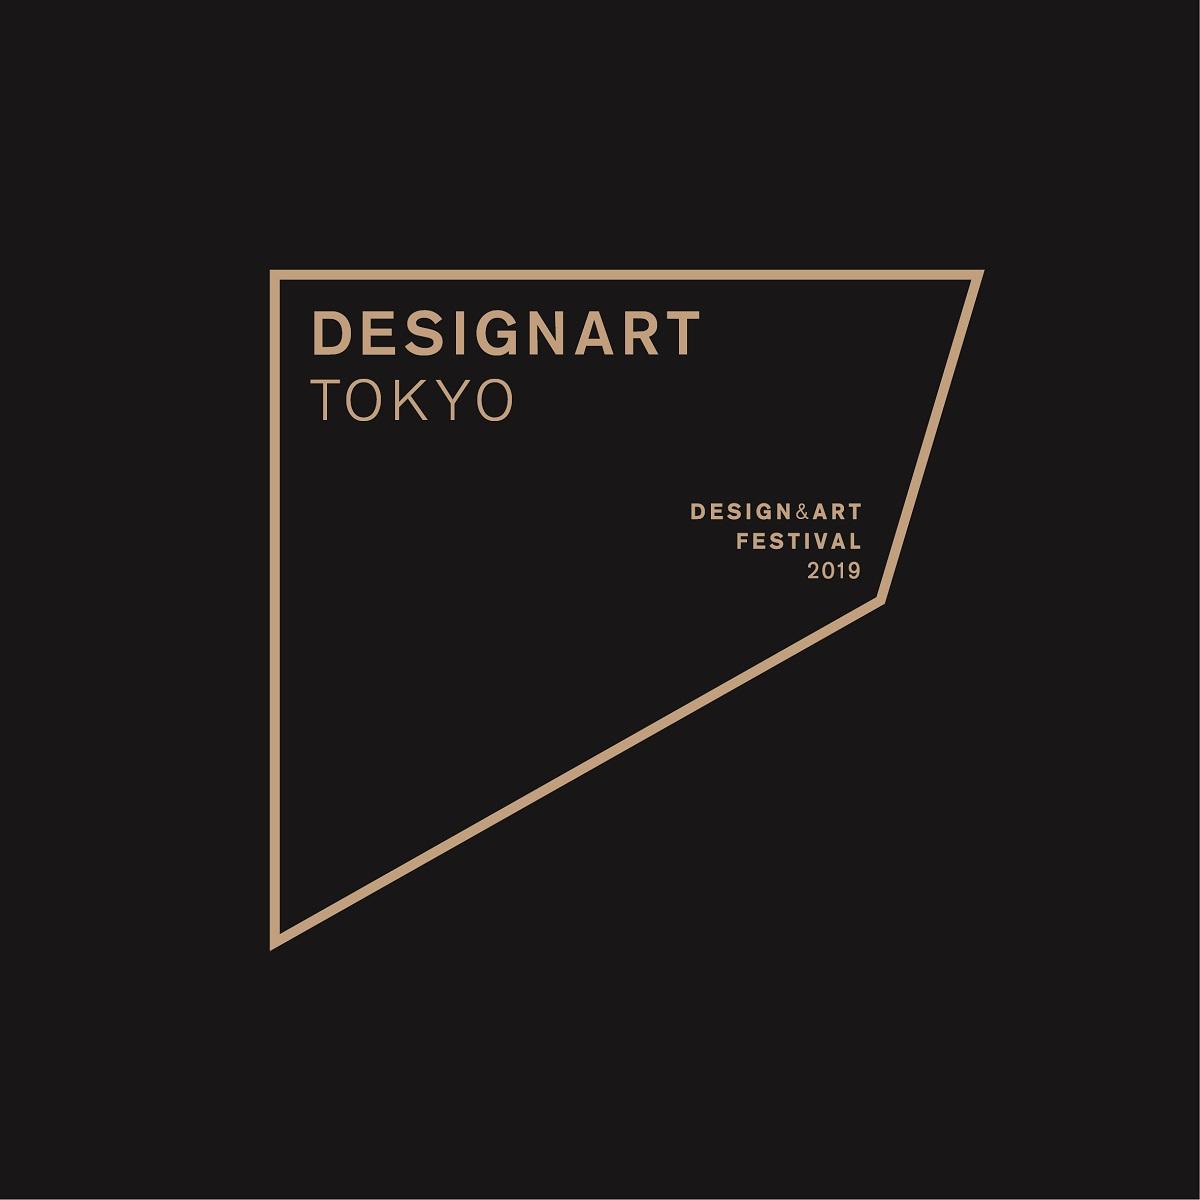 東京の街全体がミュージアムになる「DESIGNART TOKYO 2019」が今年も開催!